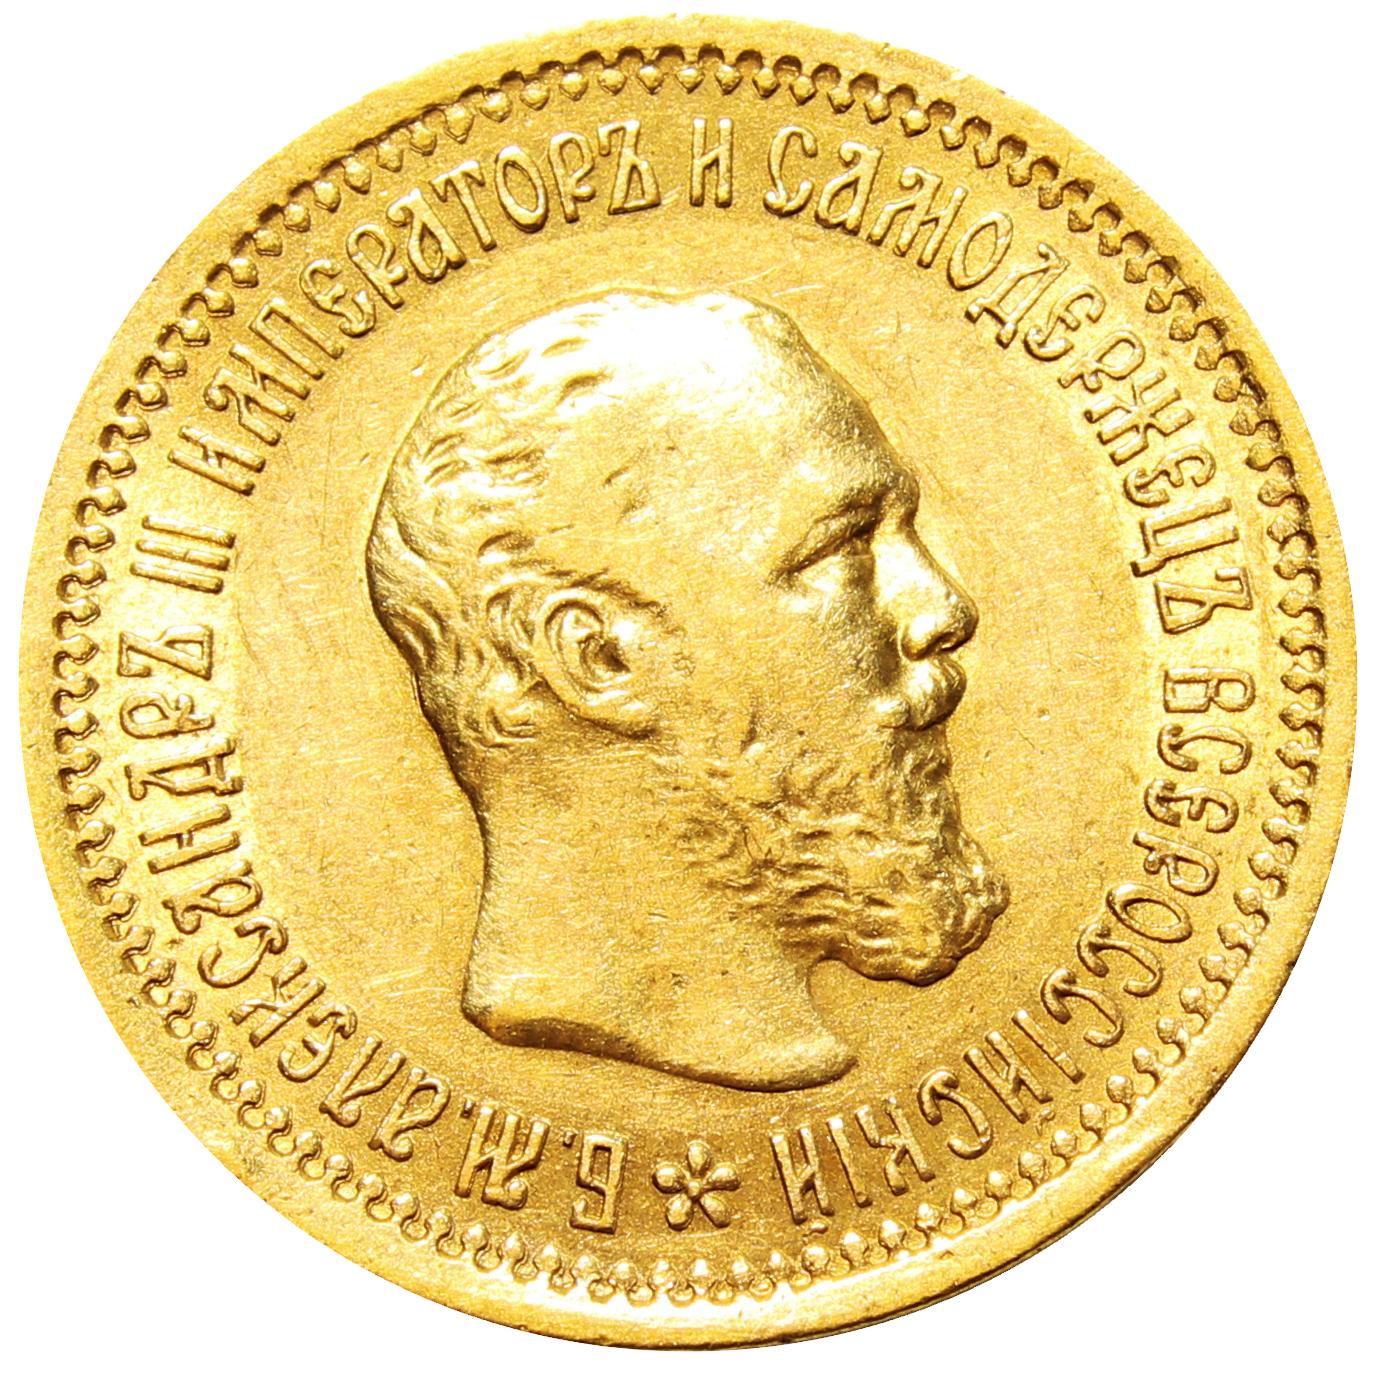 5 рублей 1889 г. АГ Александр III. Золото